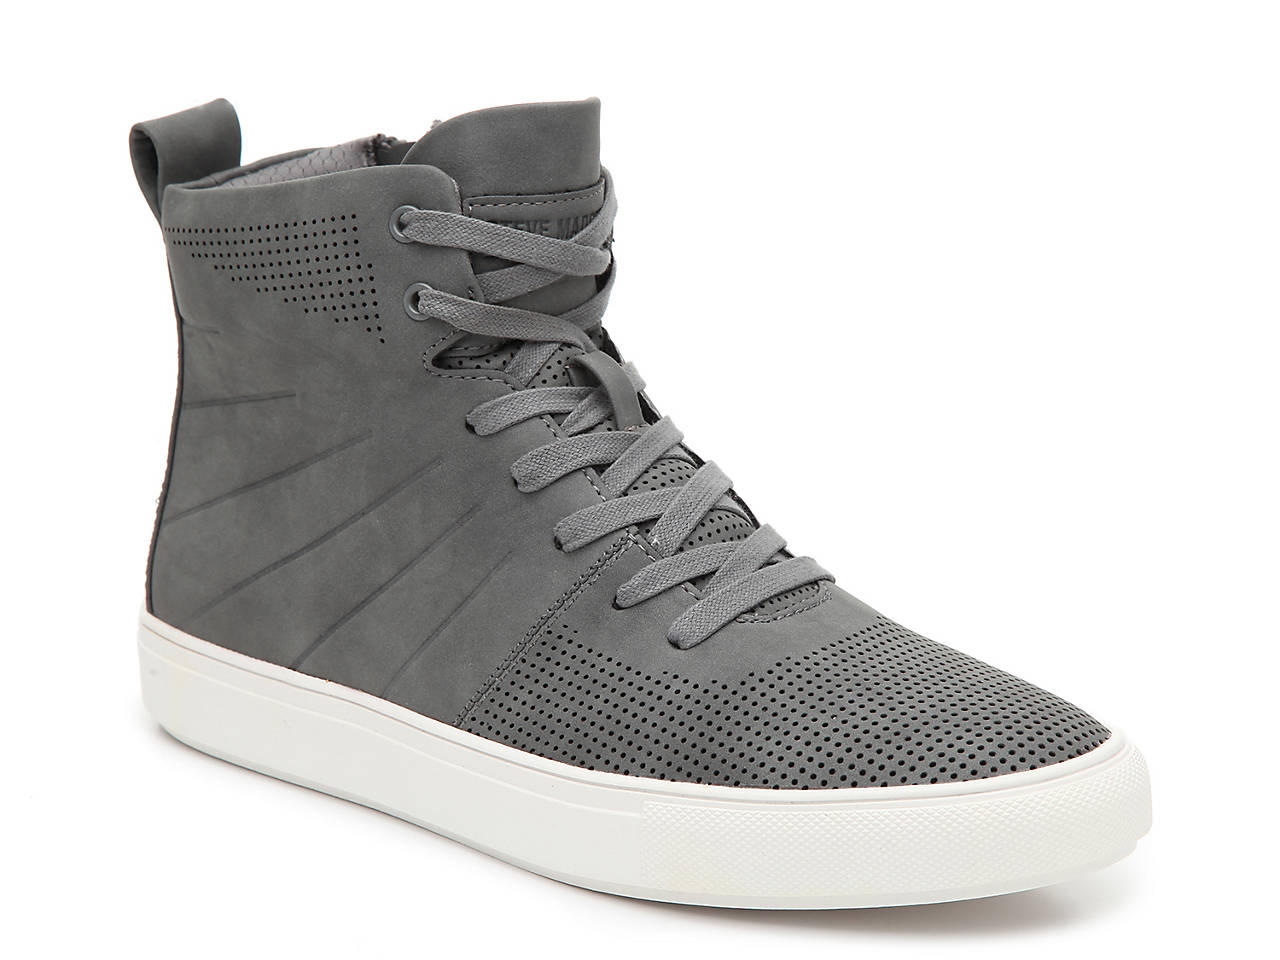 d4b01ae4ac5 Steve Madden Eskape High-Top Sneaker Men s Shoes